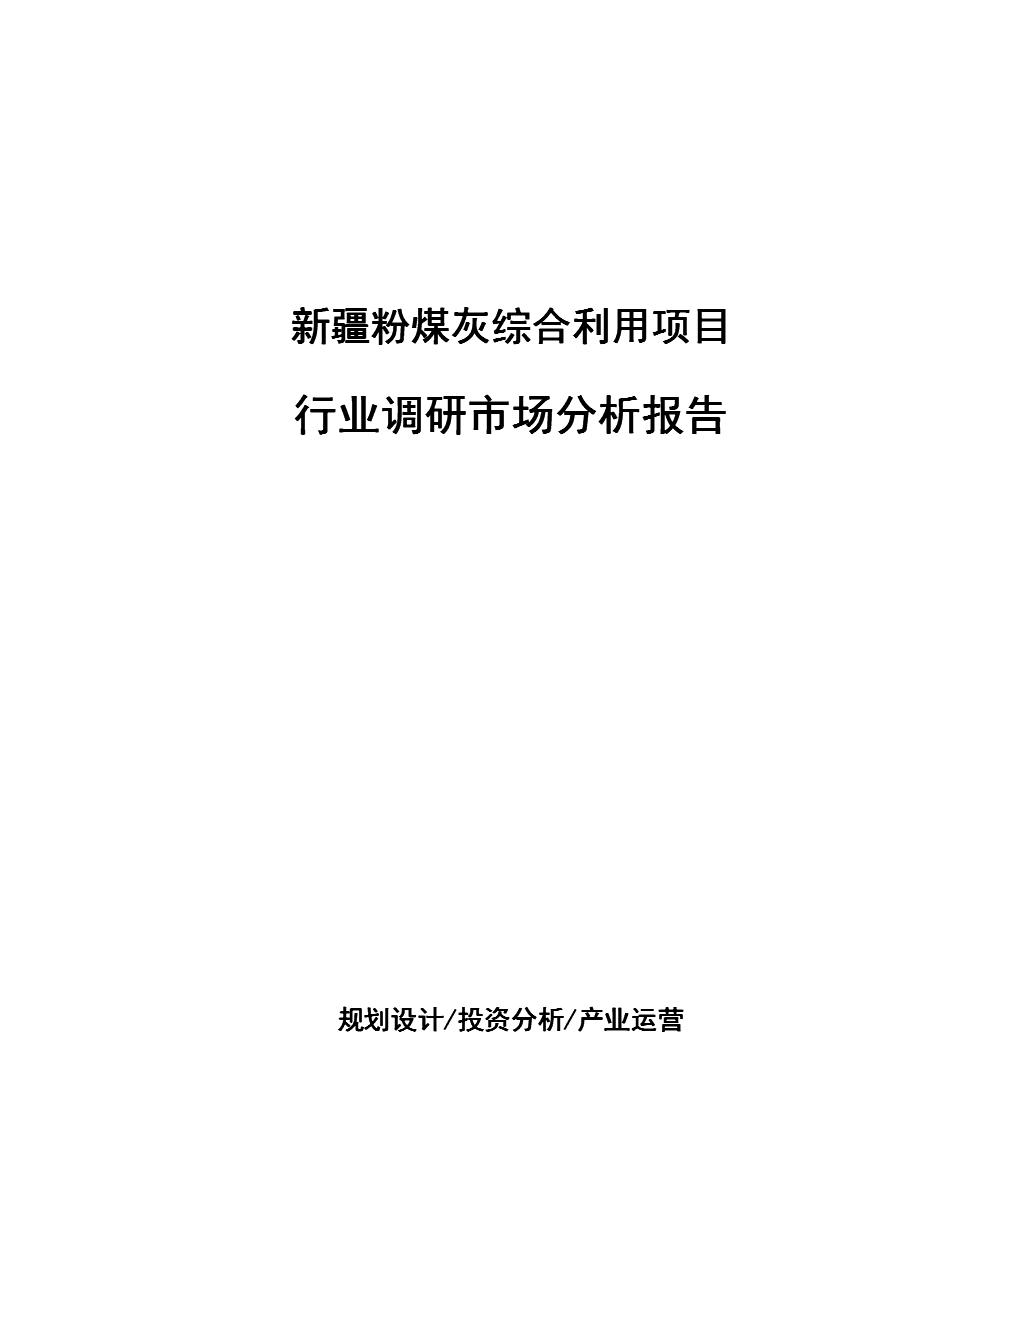 新疆粉煤灰综合利用项目行业调研市场分析报告.docx